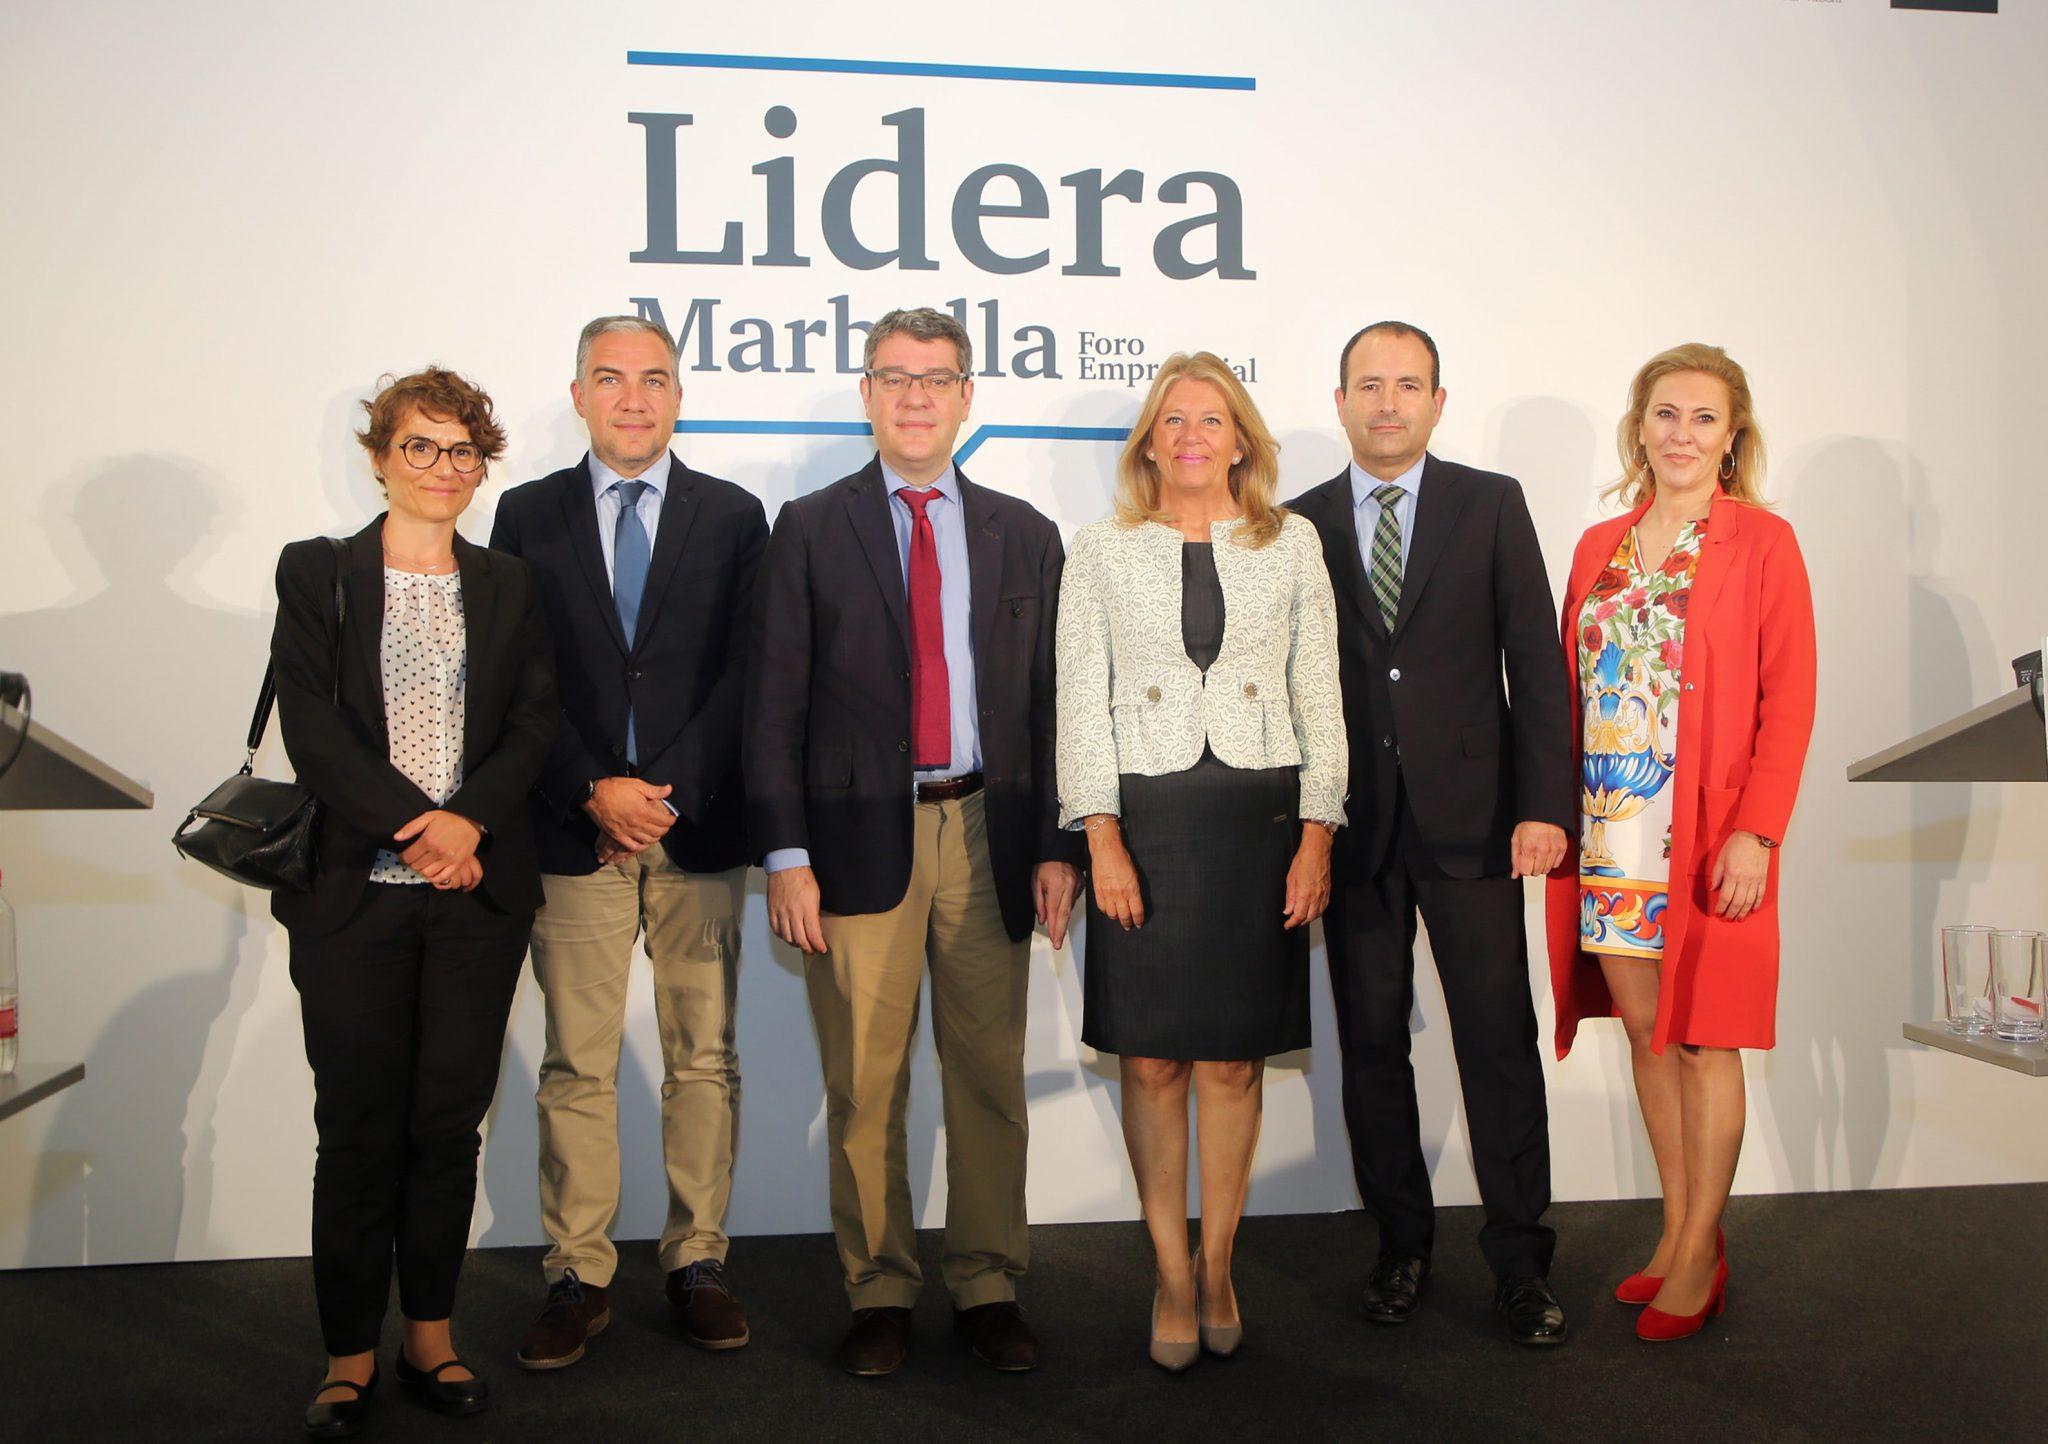 El ministro de Turismo visita Marbella y se compromete a impulsar el convenio entre el Ayuntamiento y Segittur sobre destinos turísticos inteligentes